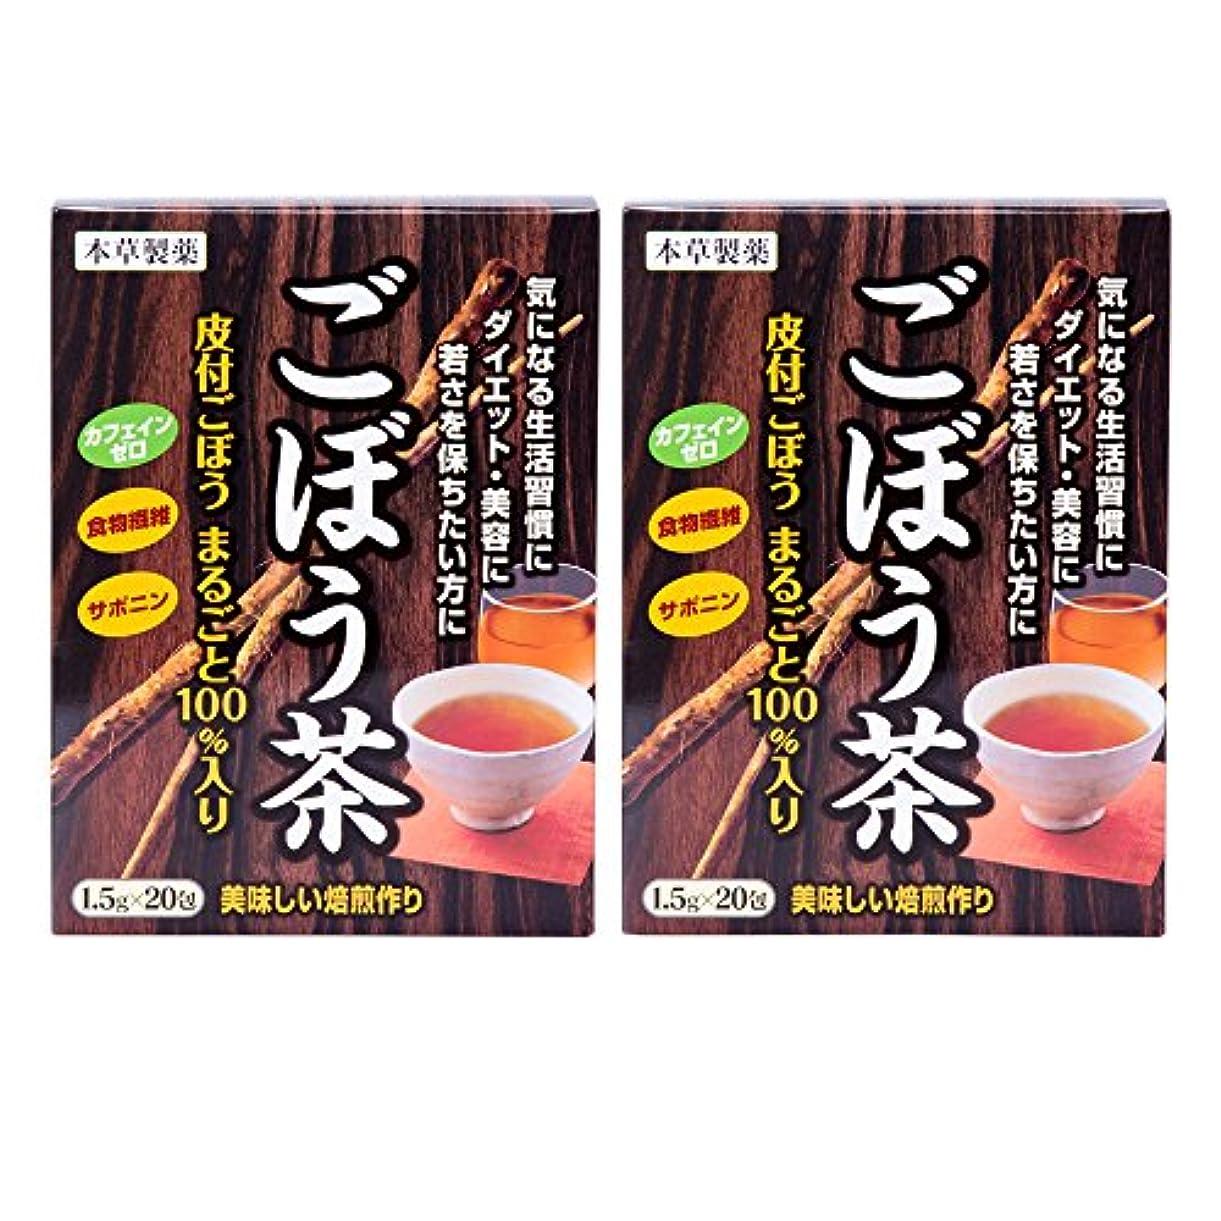 ましいかき混ぜる穴本草製薬 ごぼう茶 2個セット